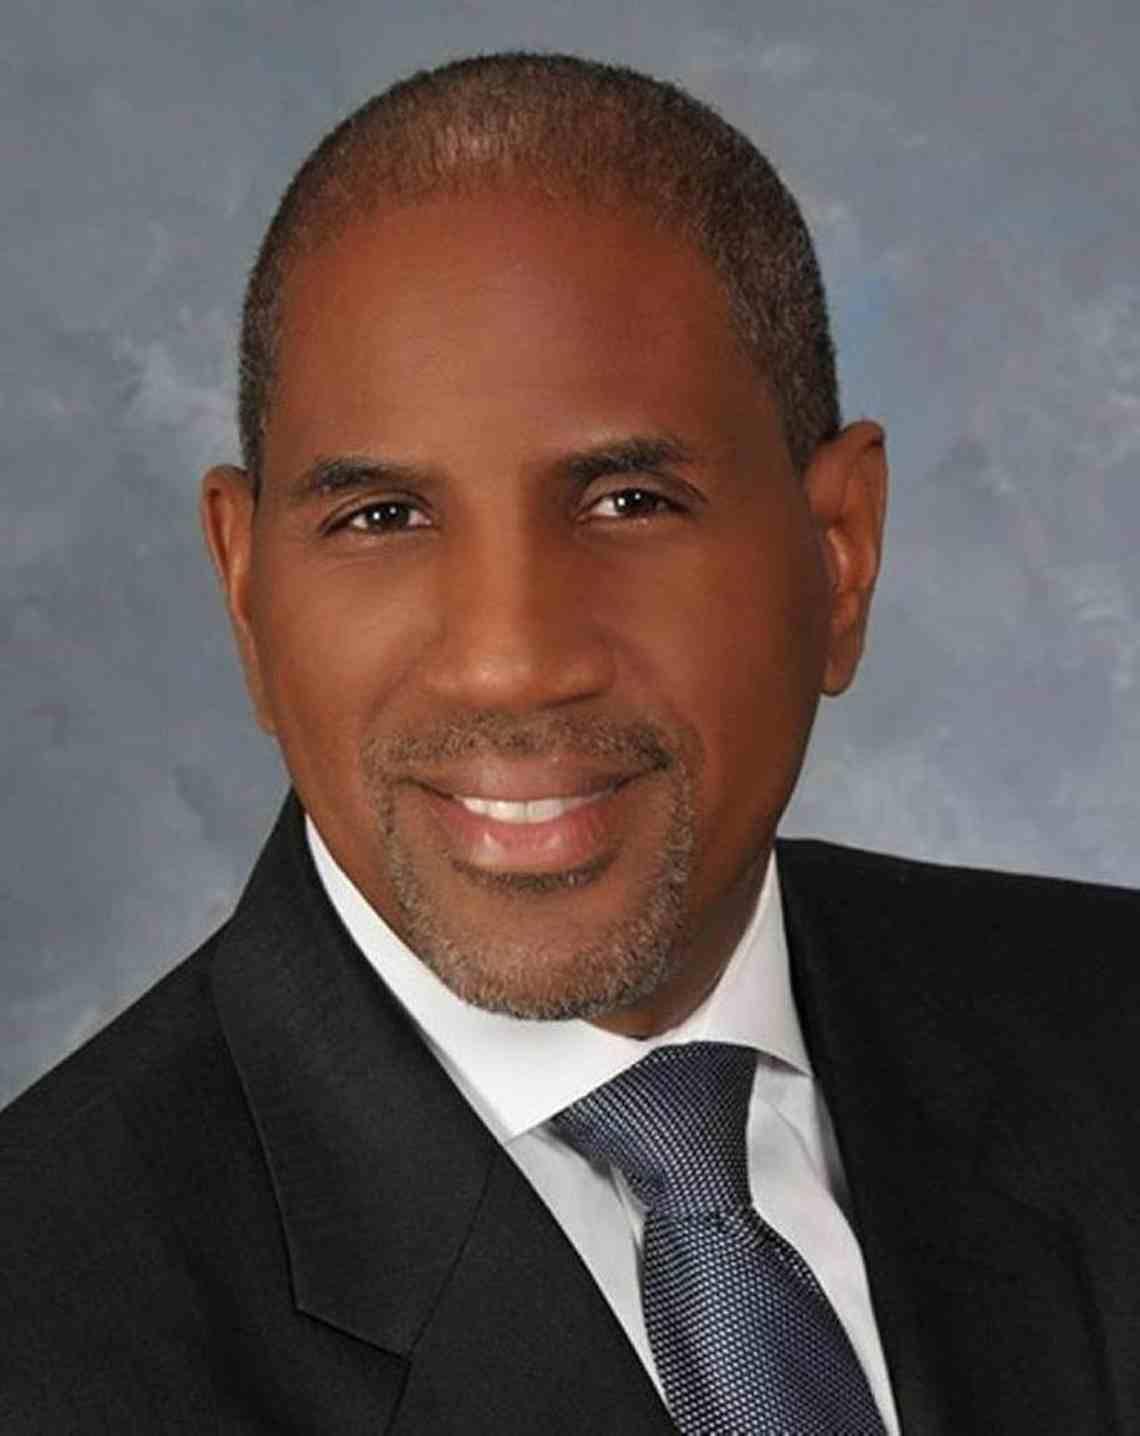 Dr Steve Gallon III